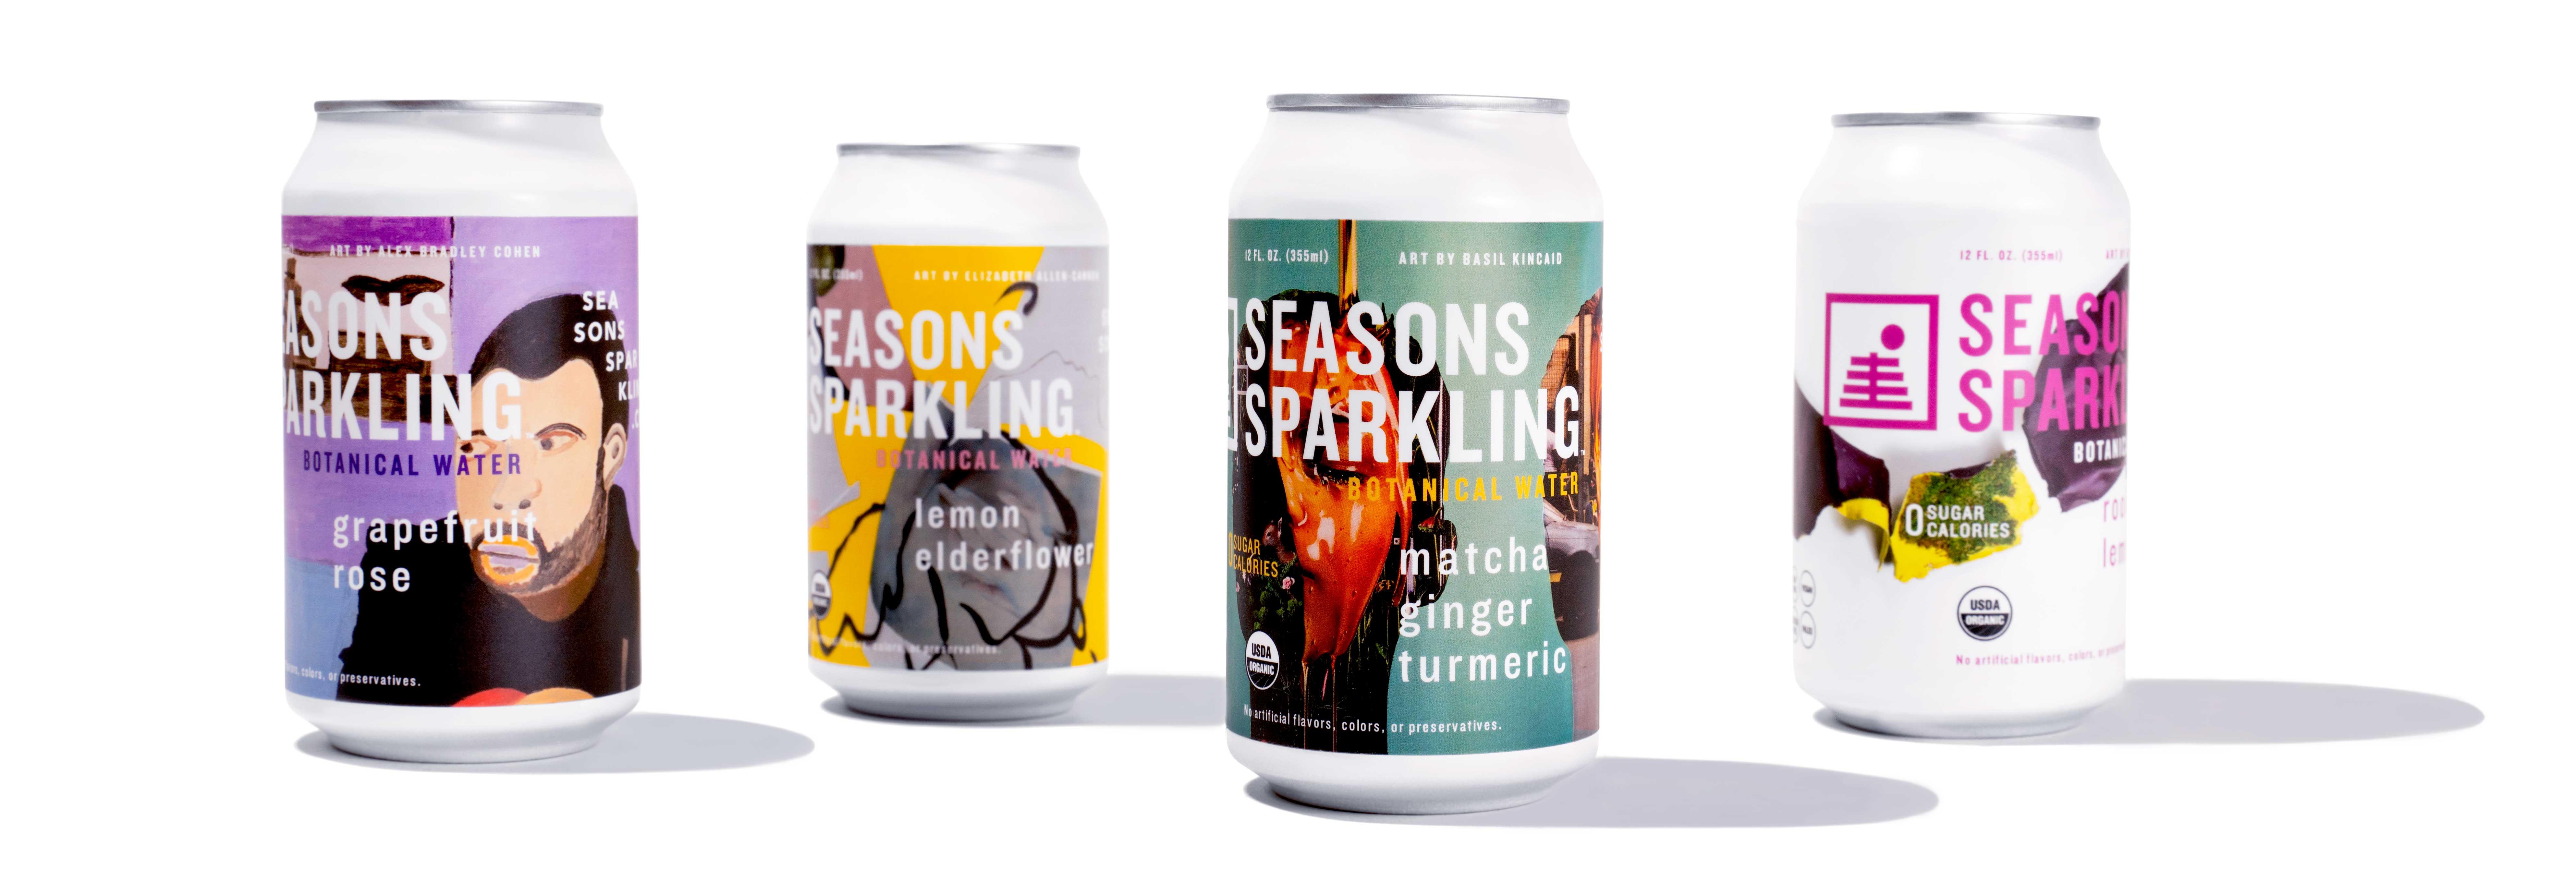 Seasons_Sparkling_Water_with_Organic_Botanicals_LP--M.jpg